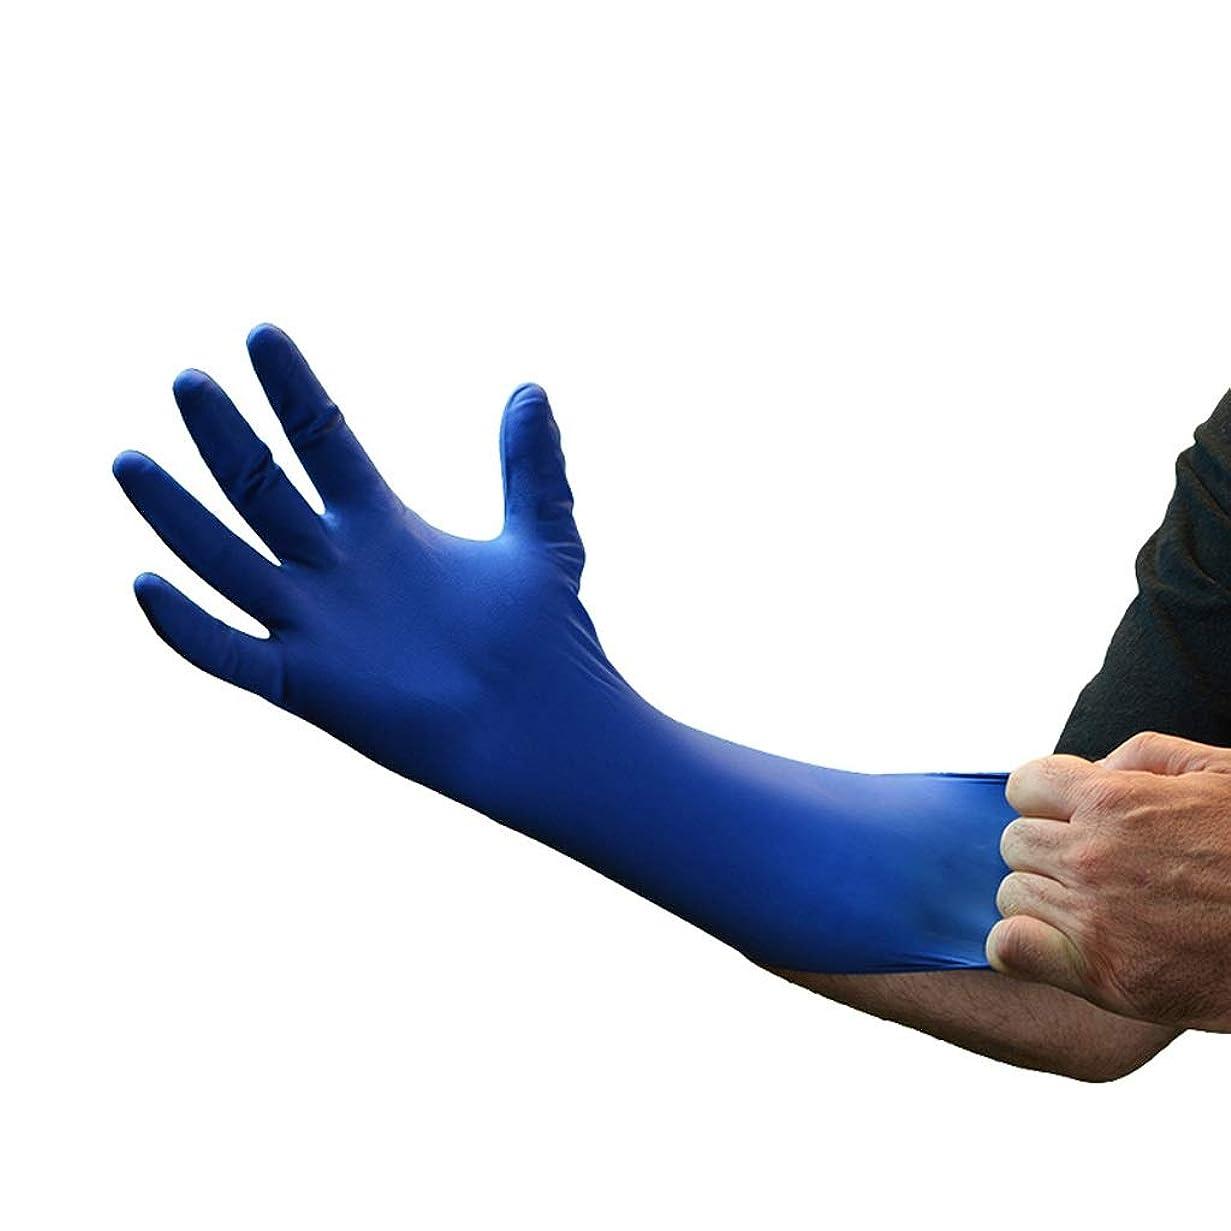 可愛いダム受粉者使い捨てニトリル手袋耐久性のあるニトリルダークブルーパウダーフリー厚い実験室耐性溶剤酸とアルカリ YANW (色 : Dark blue, サイズ さいず : Xl xl)